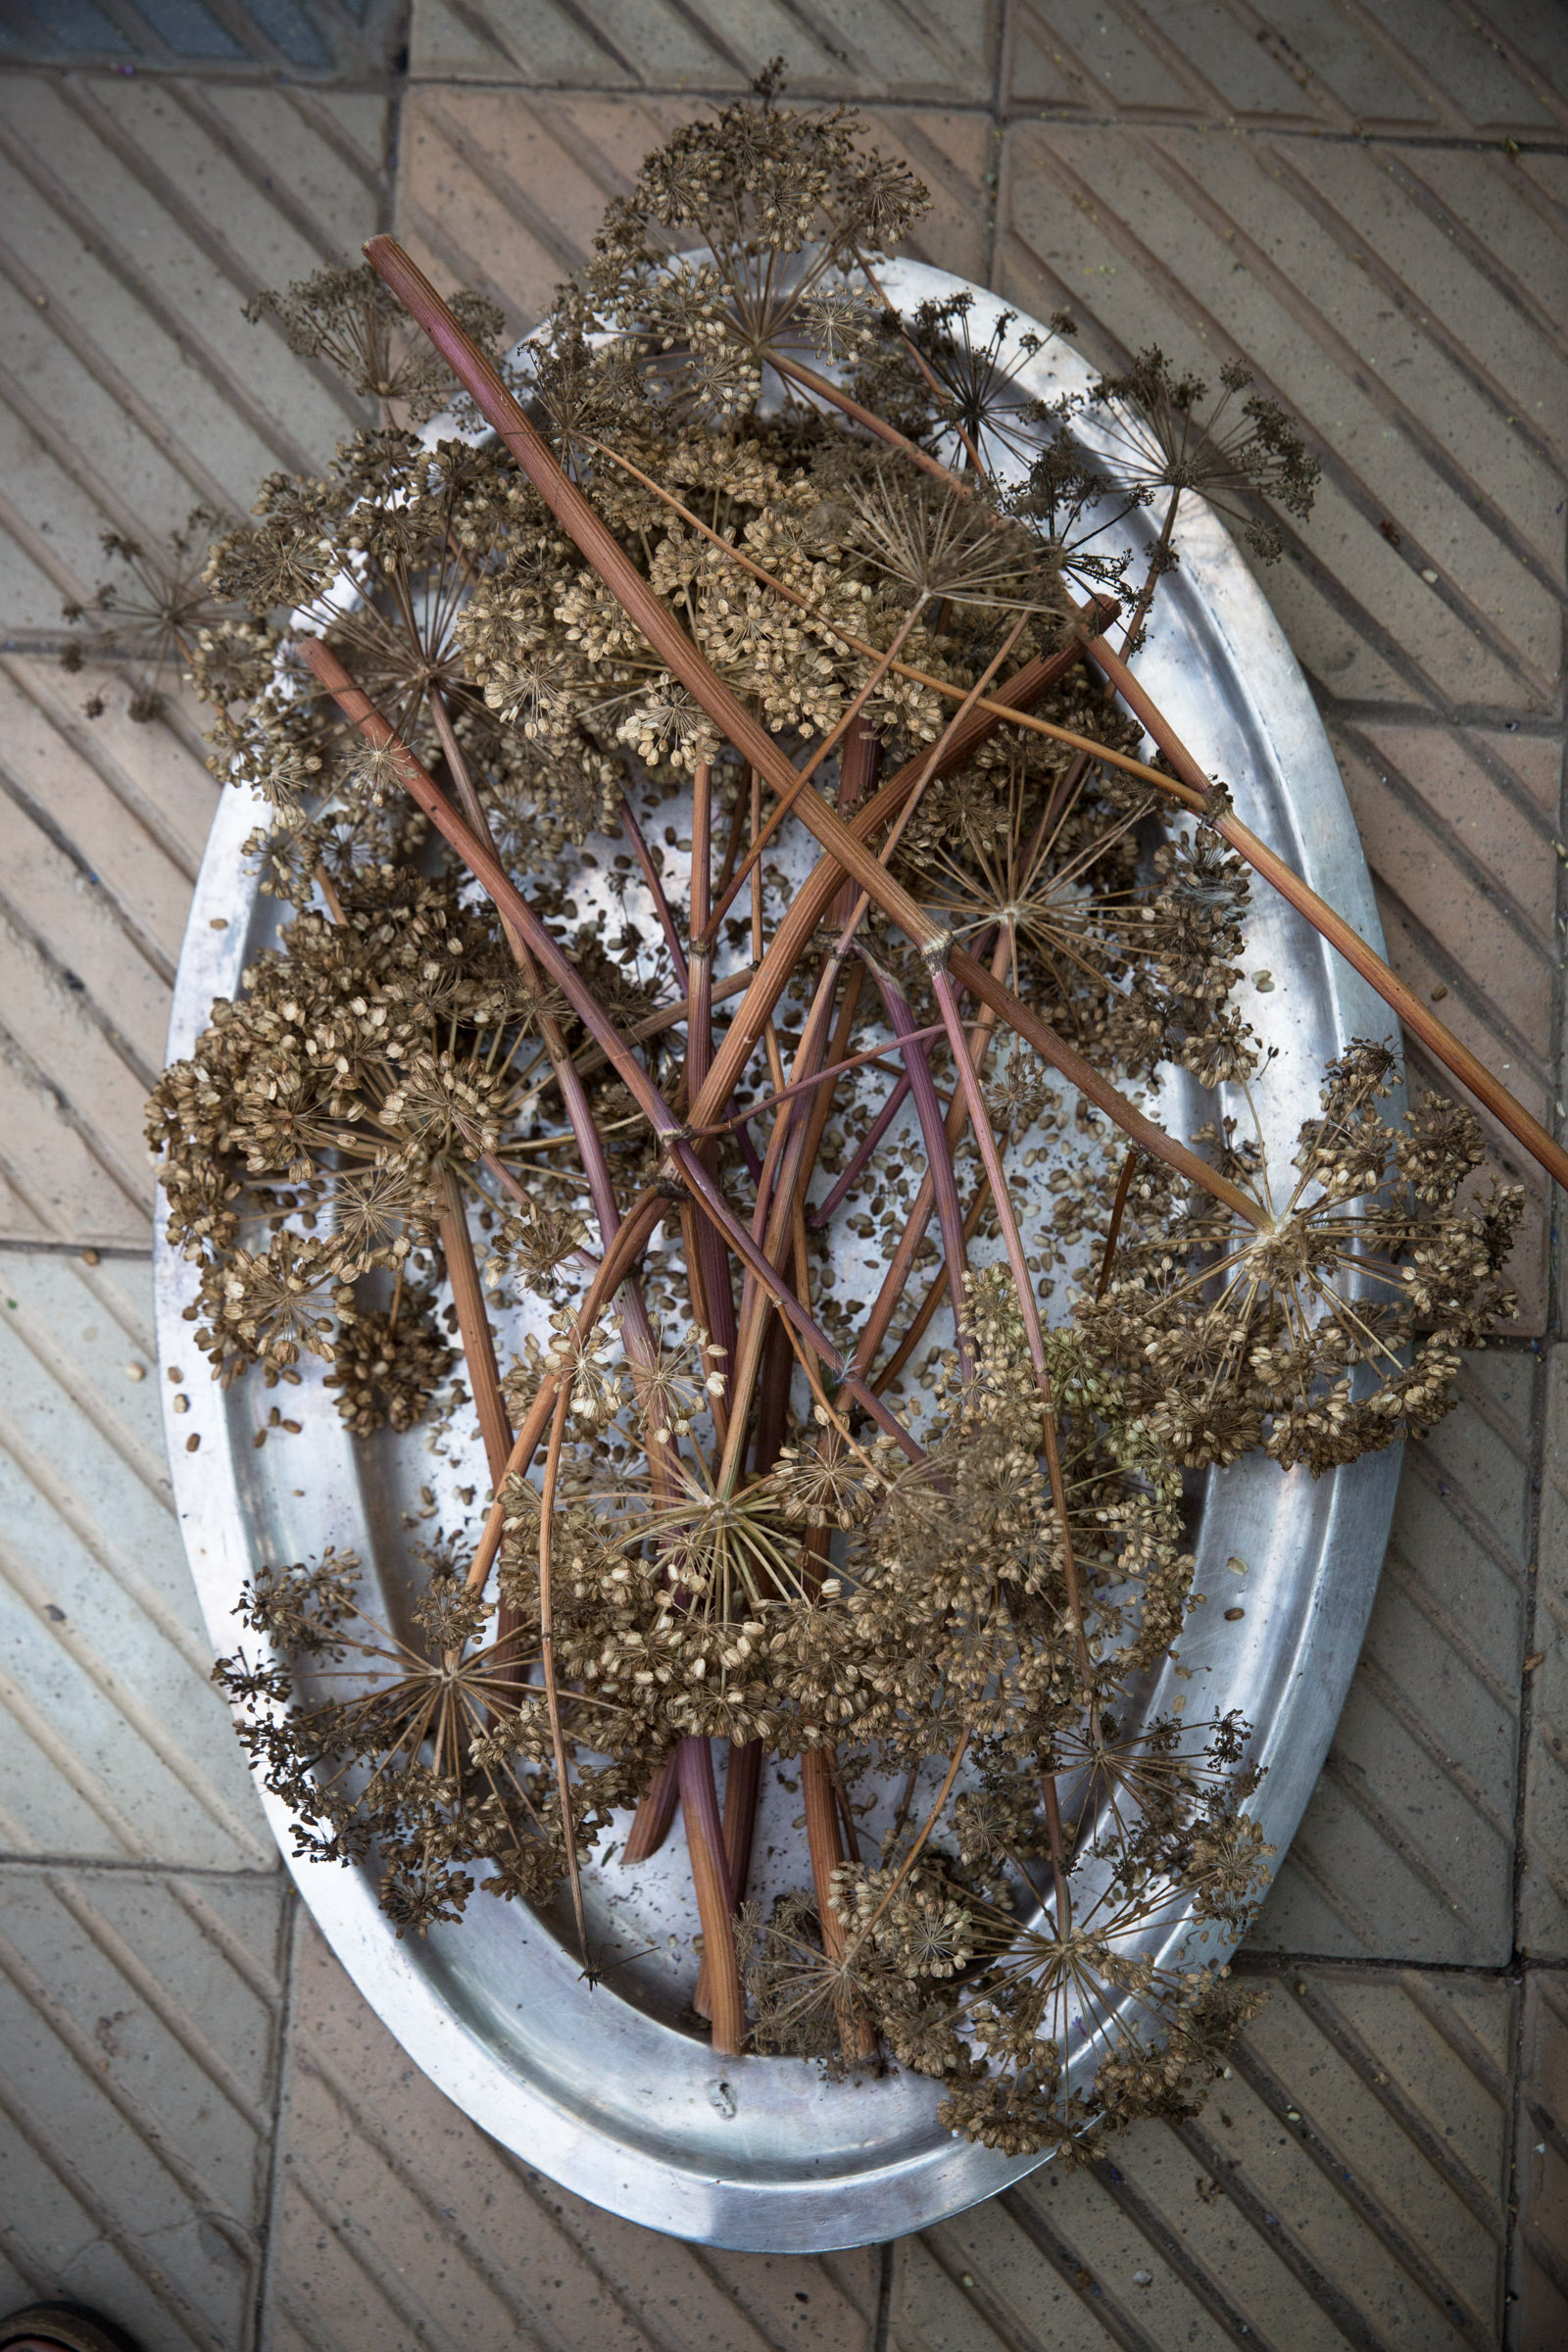 Getrocknete Pflanzen auf einem Silbertablett